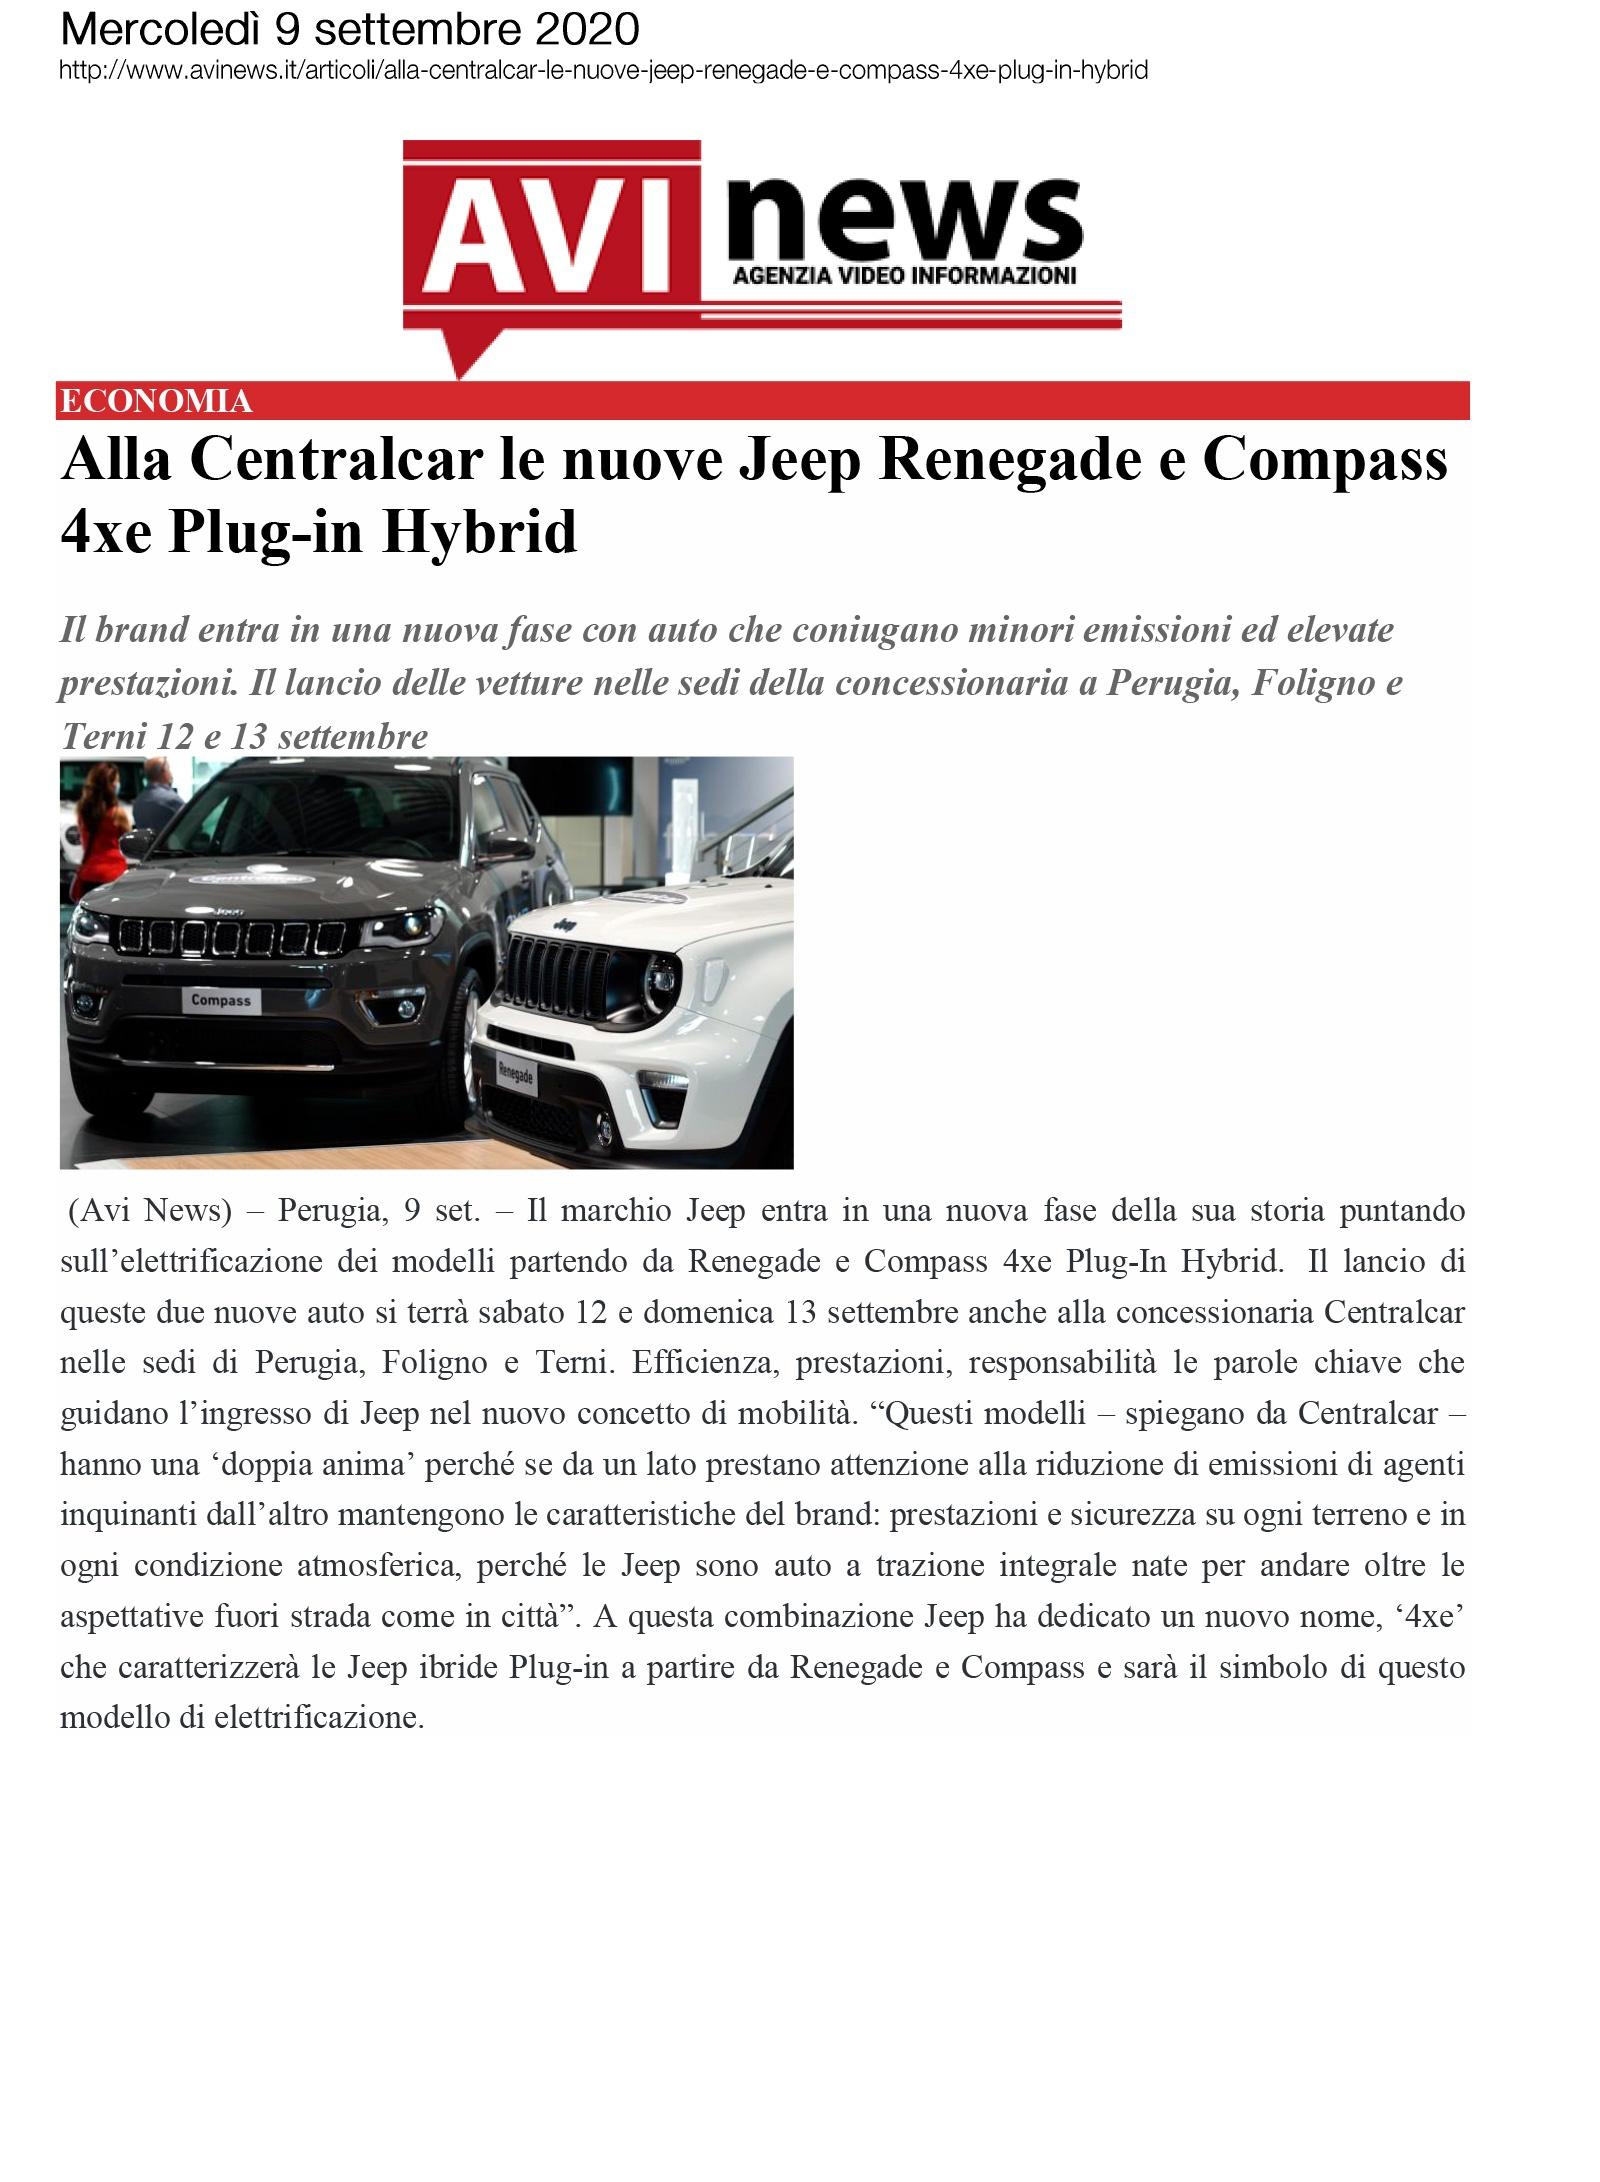 Alla Centralcar le nuove Jeep Renegade e Compass 4xe Plug-in Hybrid